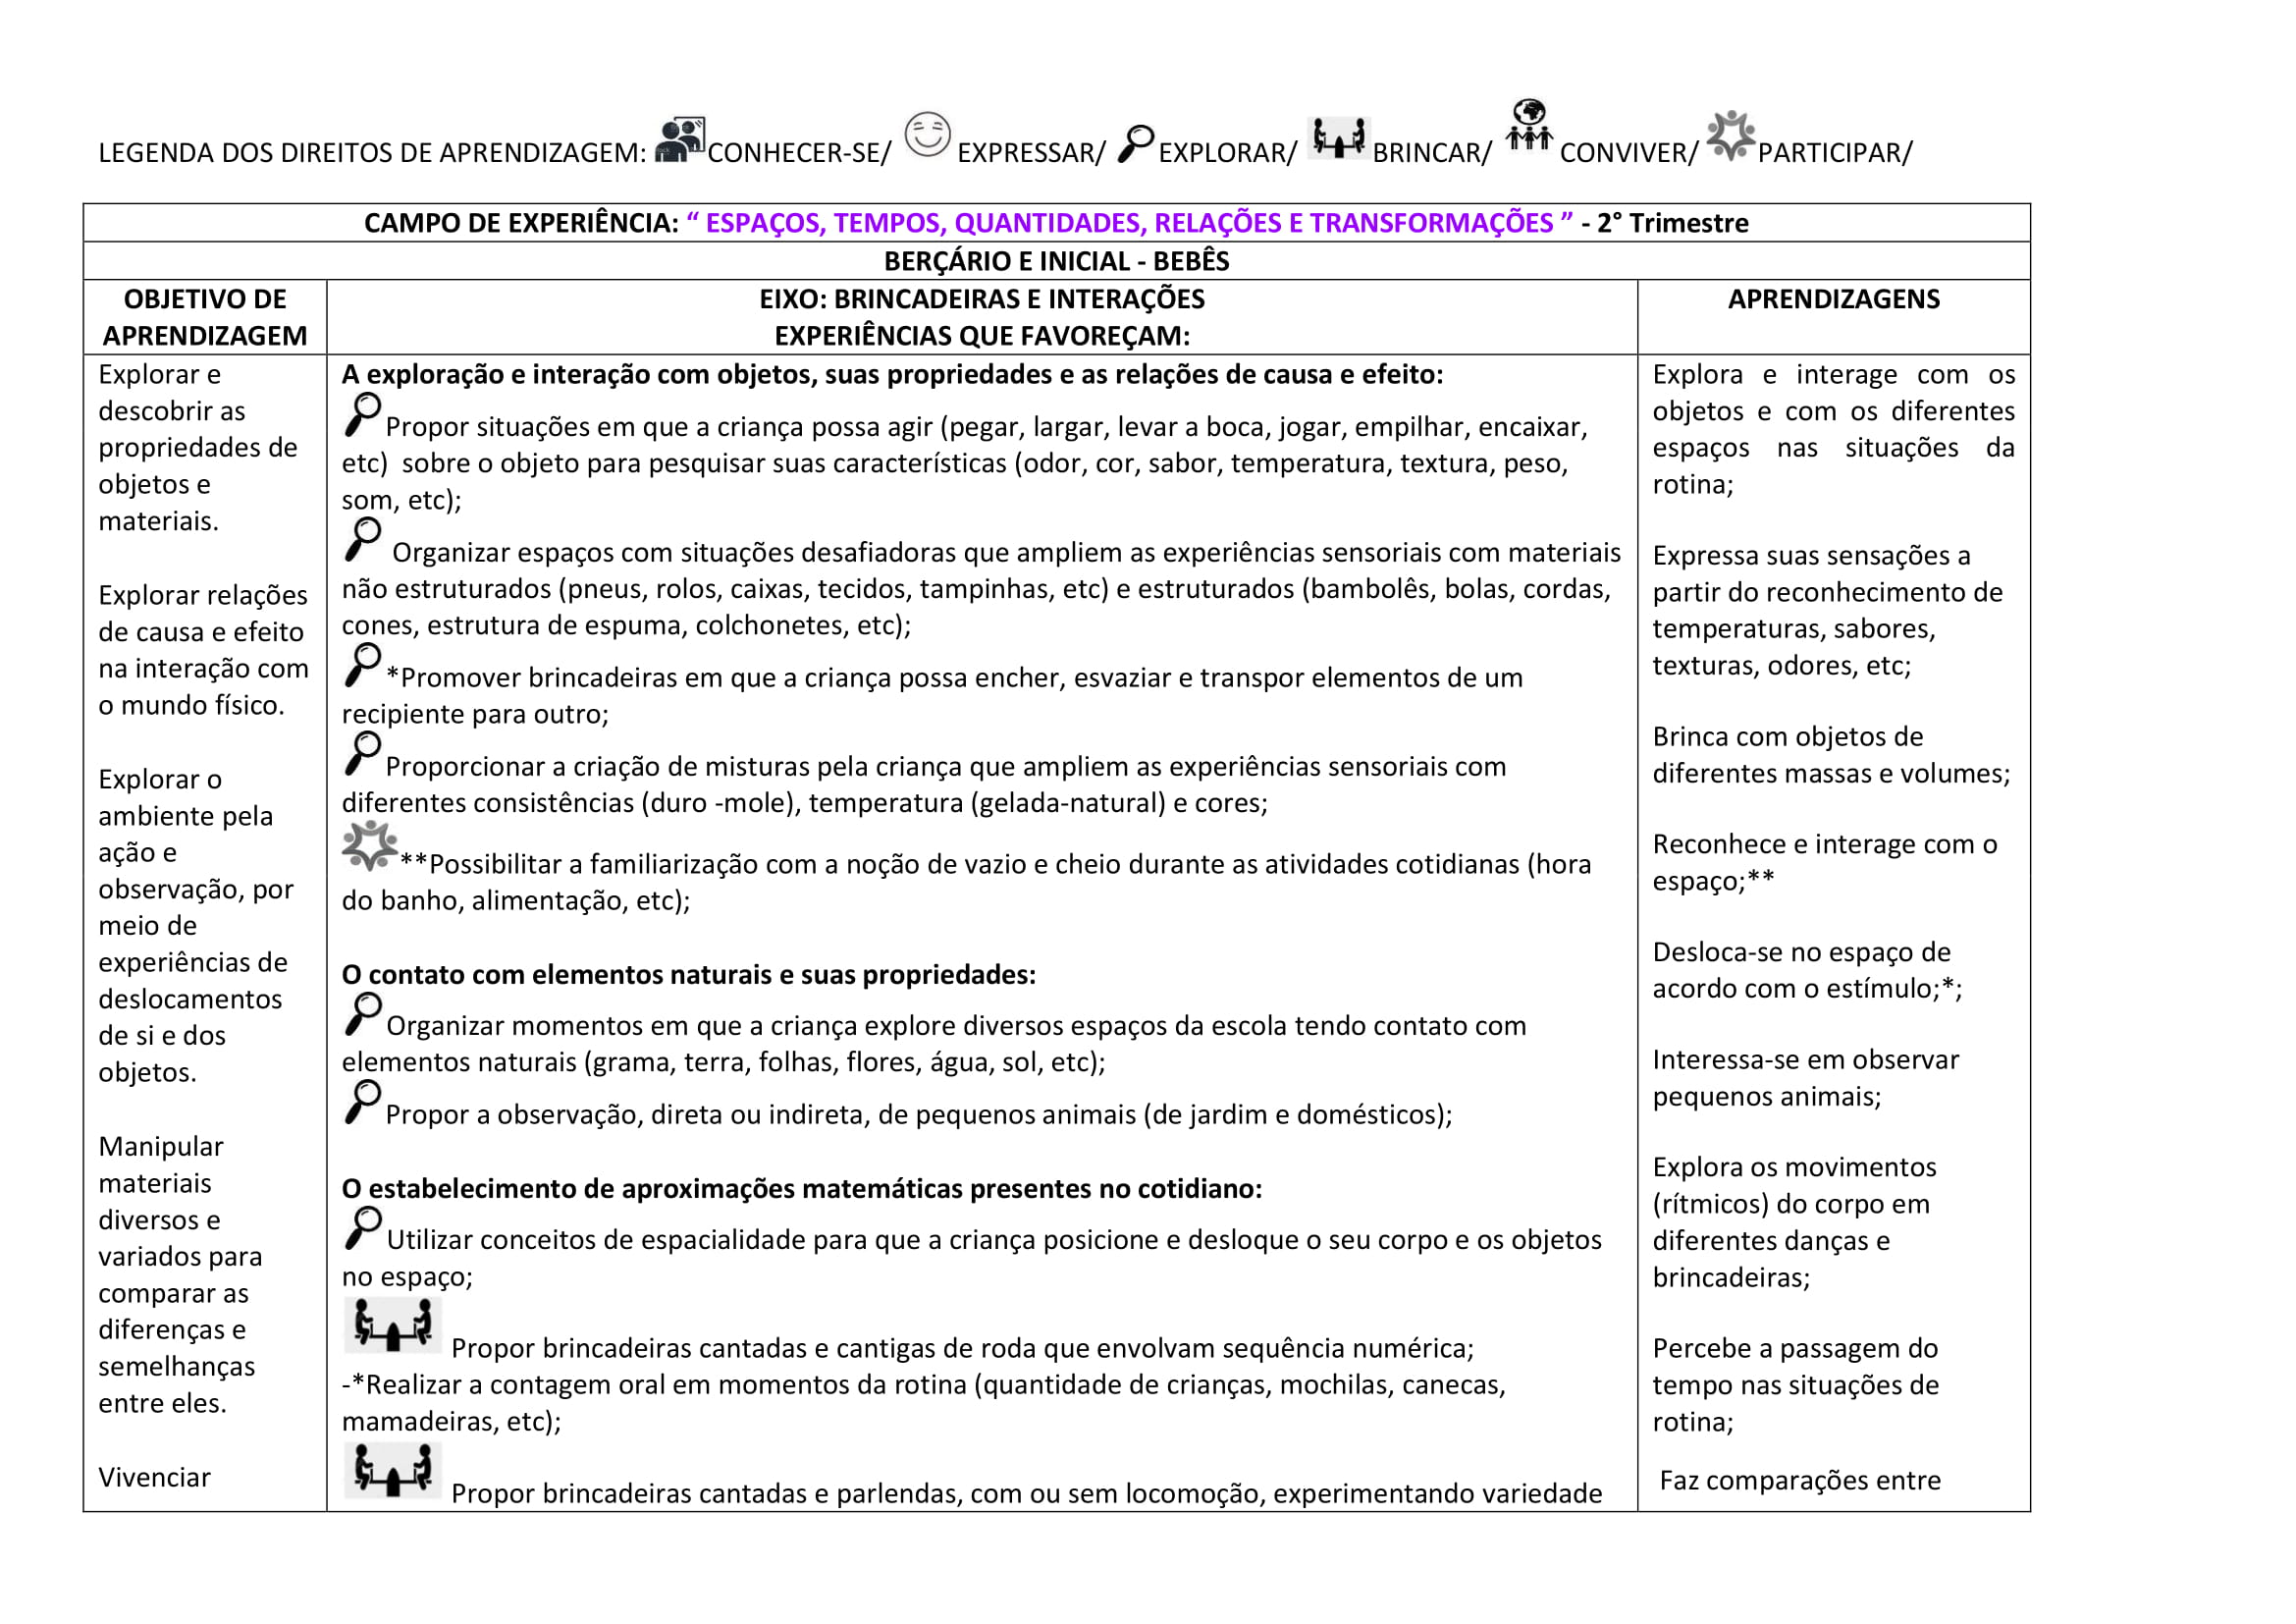 Berçário-e-Inicial-17